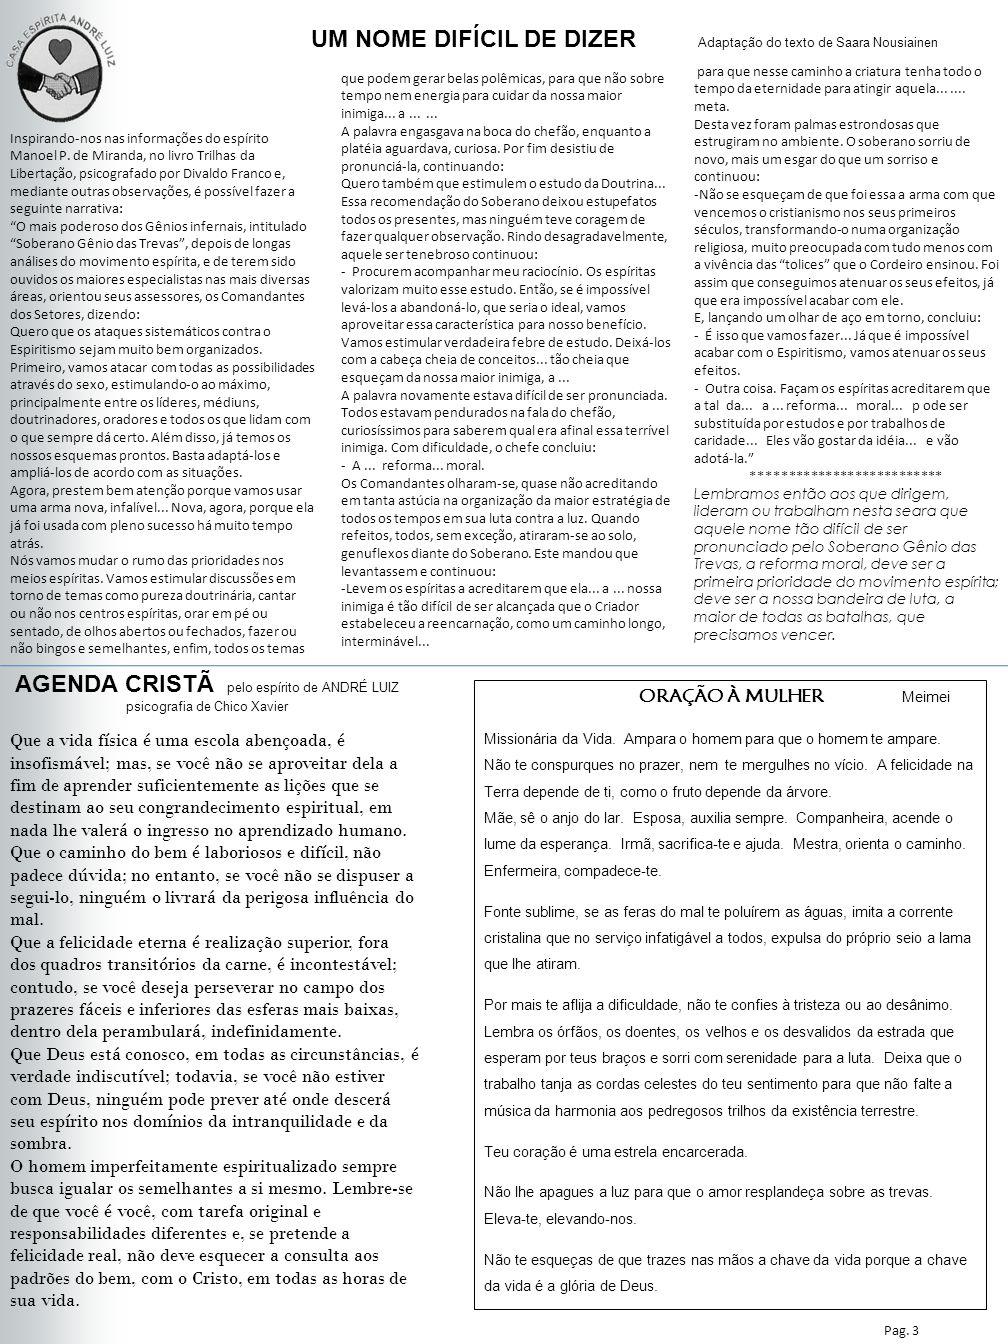 Nesta Edição Pag. 3 UM NOME DIFÍCIL DE DIZER Adaptação do texto de Saara Nousiainen Inspirando-nos nas informações do espírito Manoel P. de Miranda, n